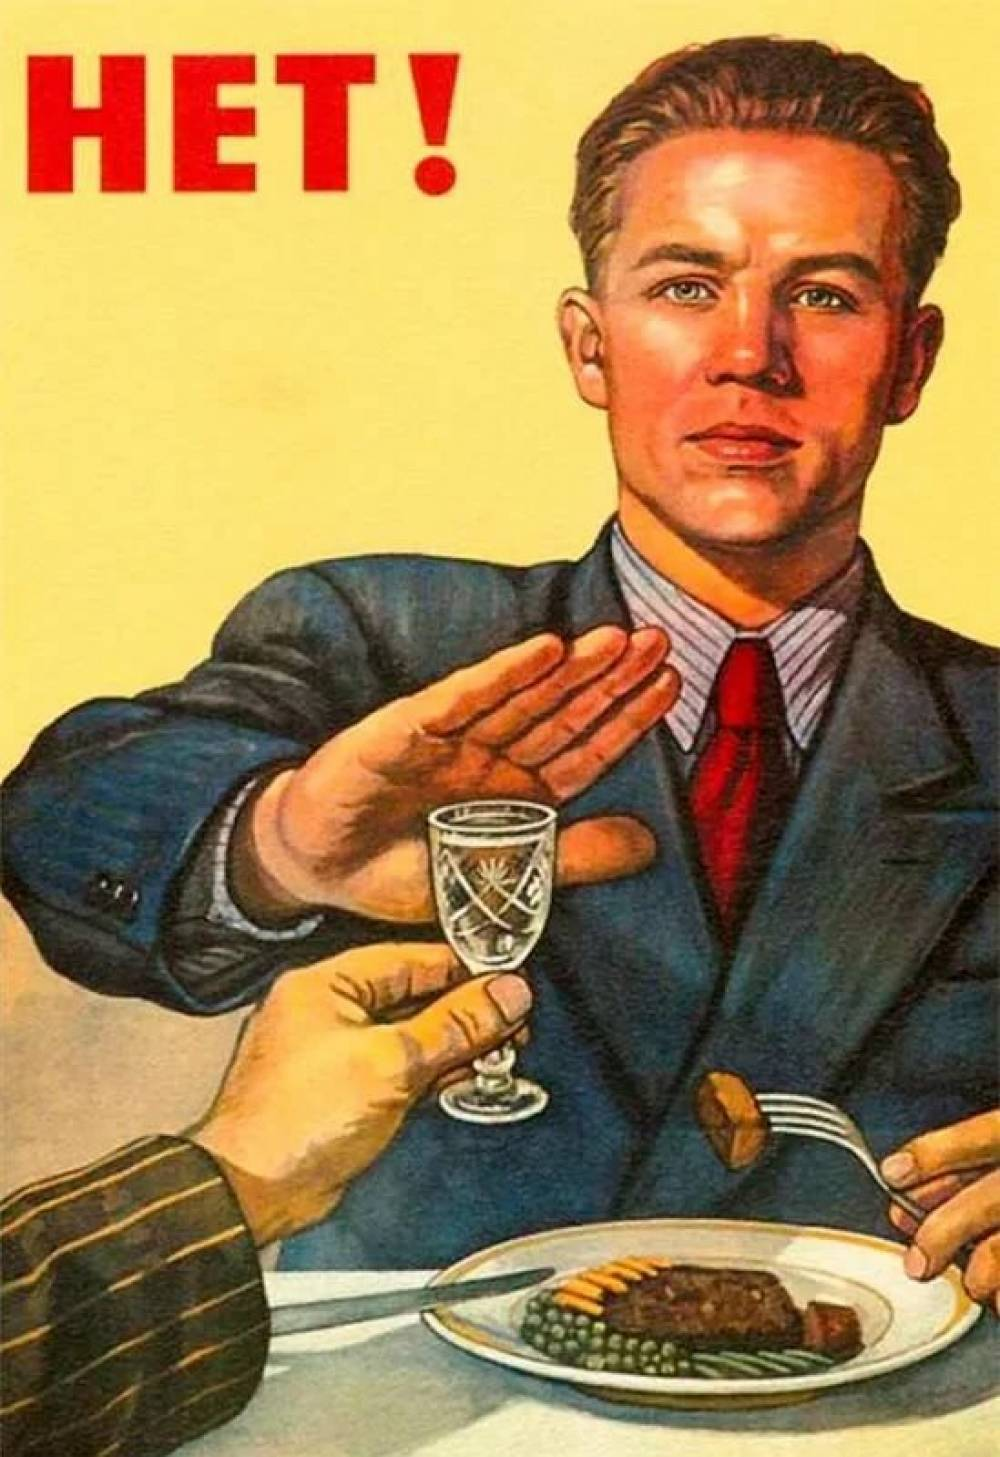 Прикольные картинки про пьянство и трезвость